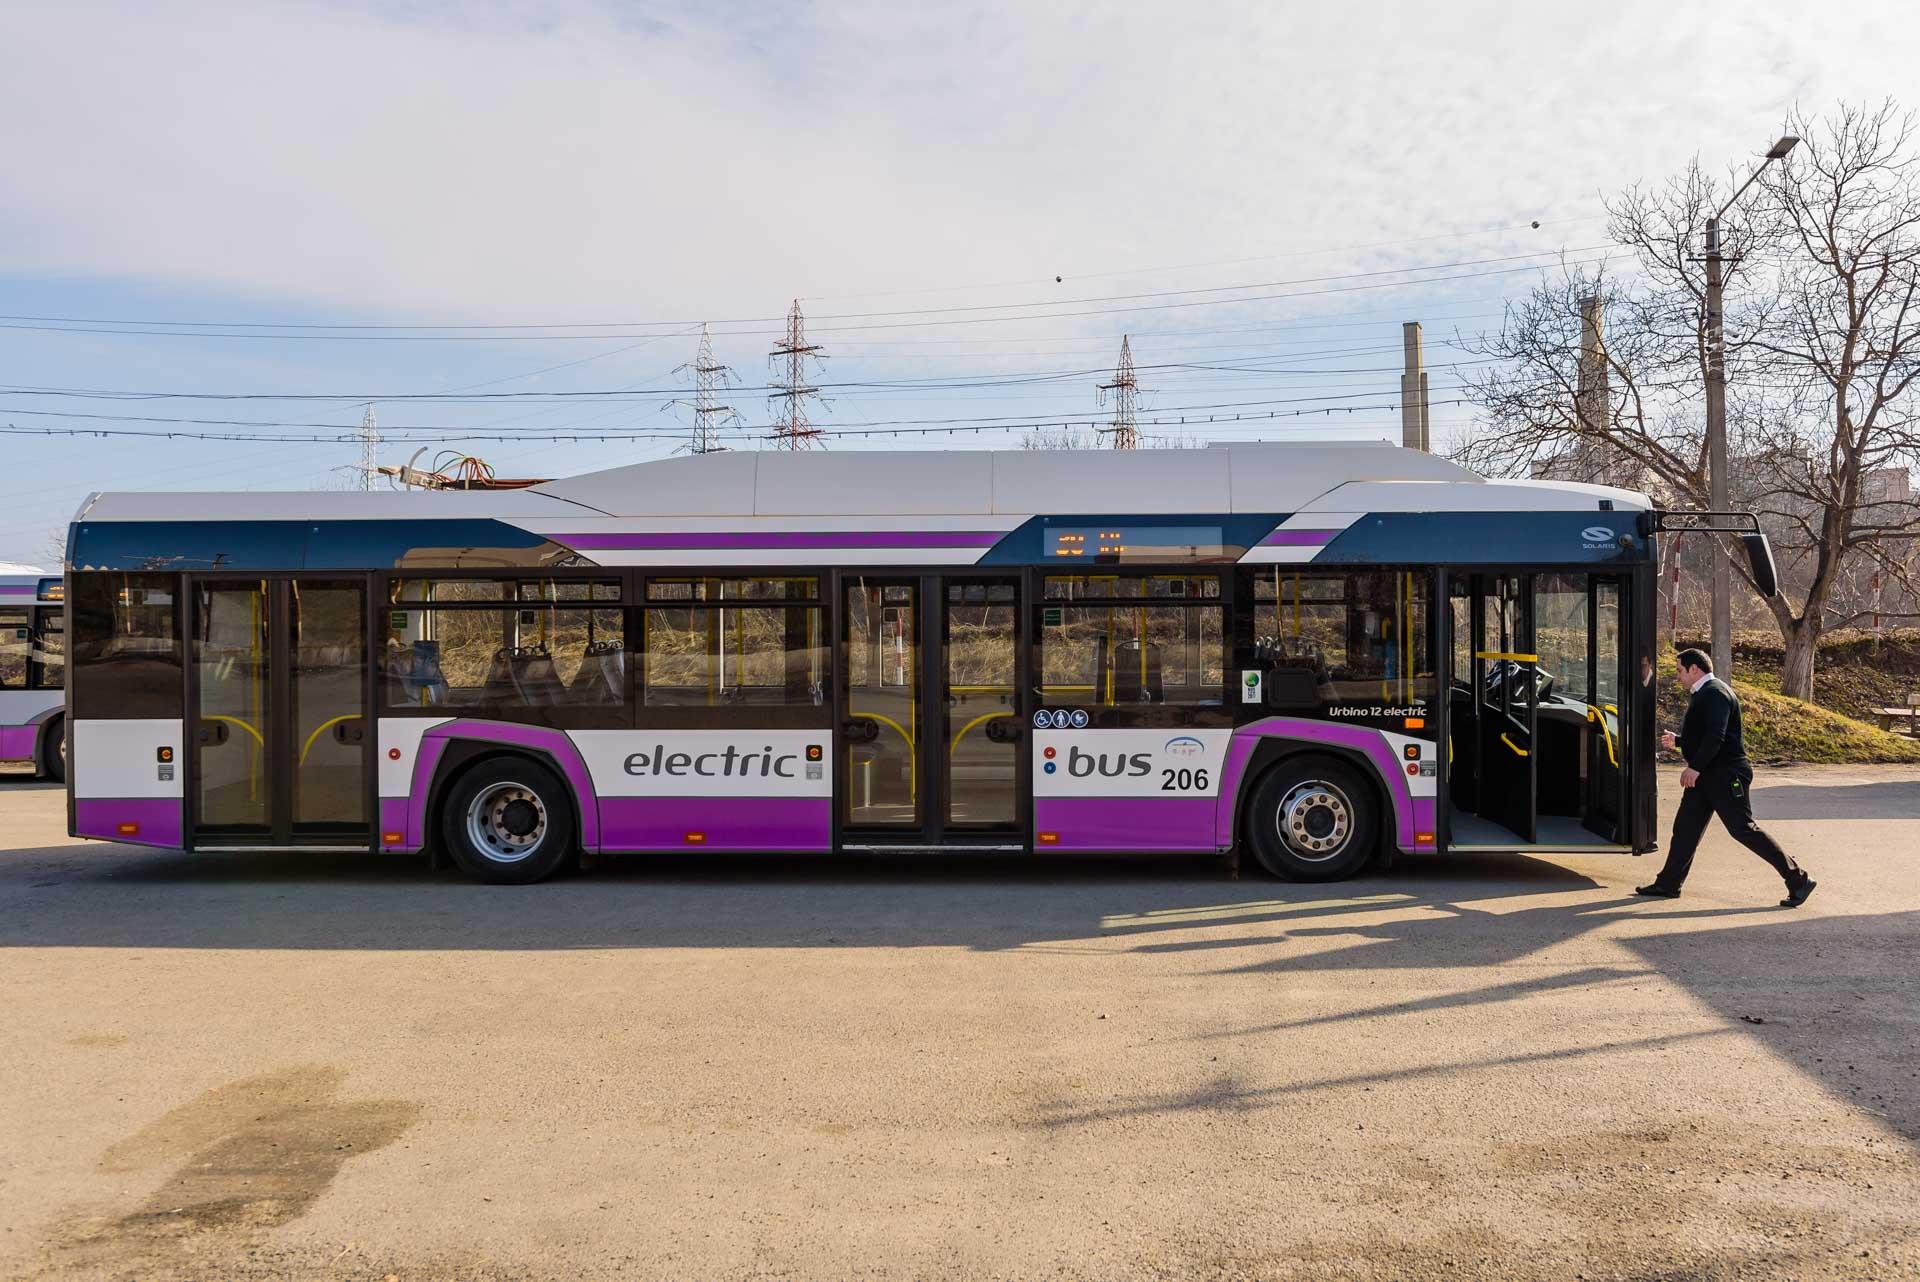 #CleverChoices: Mobilitatea în Cluj cu ajutorul transportului în comun